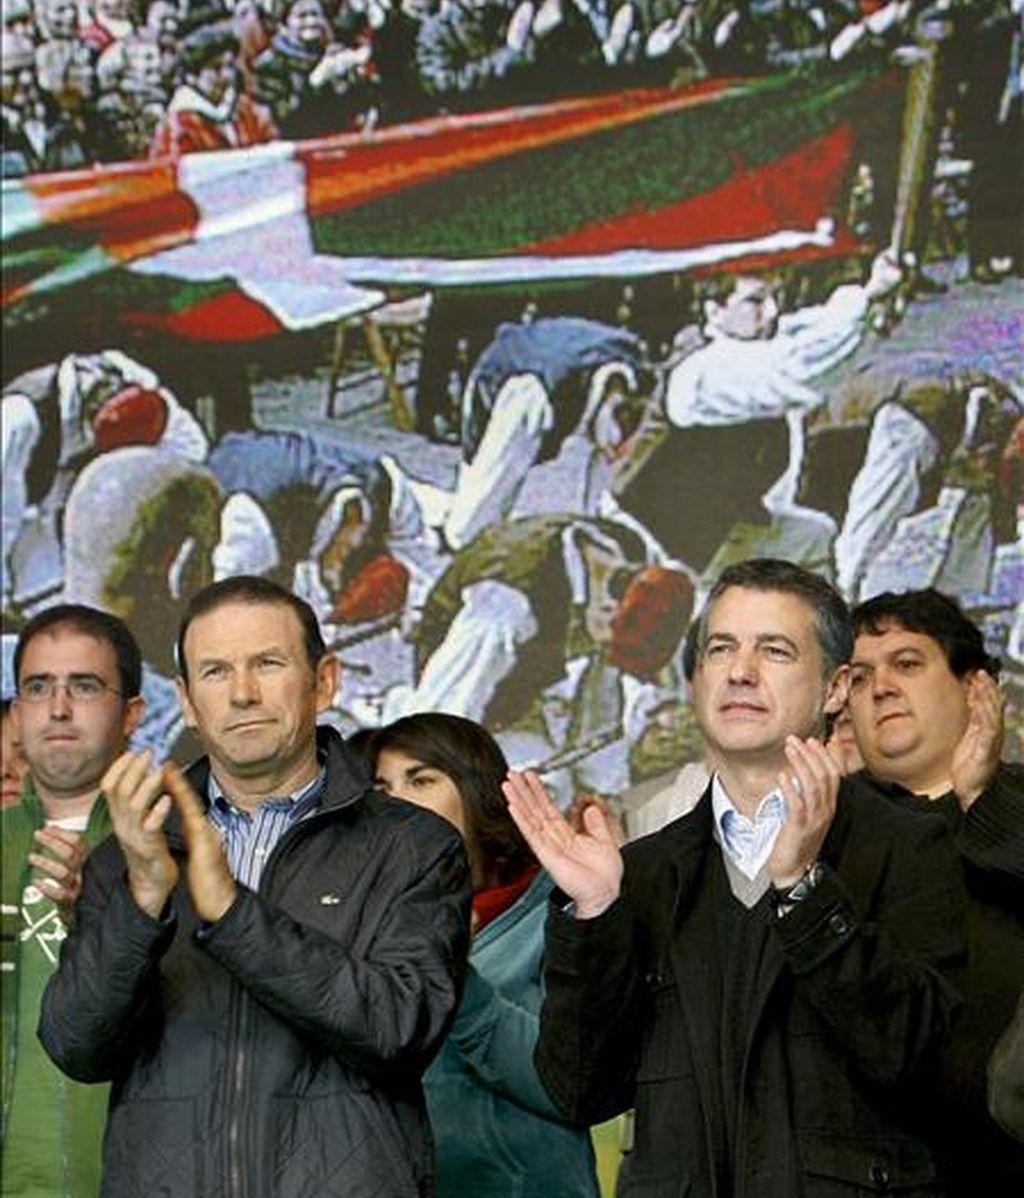 El lehendakari en funciones, Juan José Ibarretxe (i), y el presidente del PNV, Iñigo Urkullu (d), durante su participación esta mañana en Bilbao en el acto político celebrado con motivo del Aberri Eguna (Día de la Patria vasca). EFE